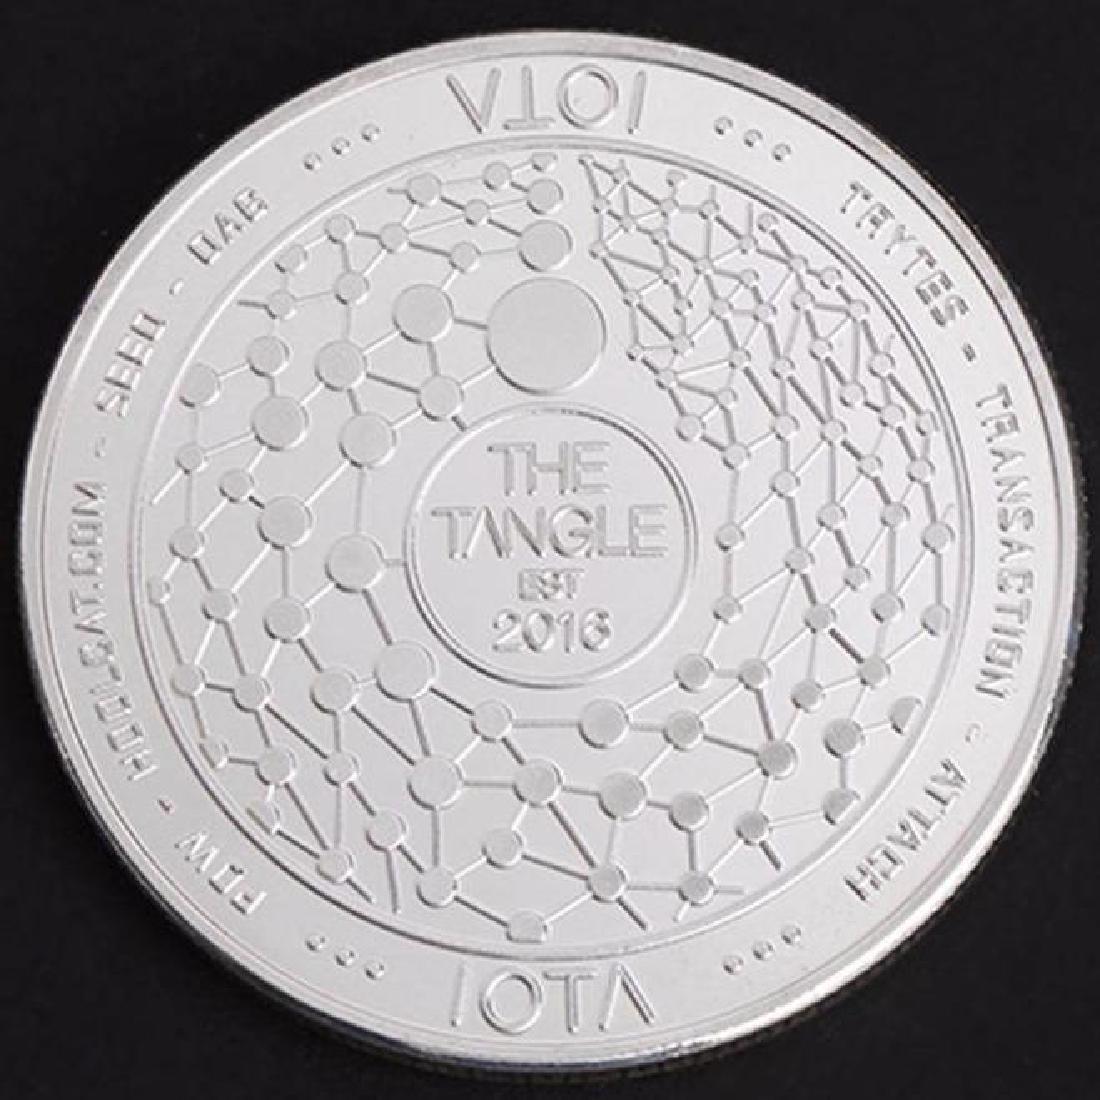 Est 2016 IOTA Silver Clad Crypto Coin